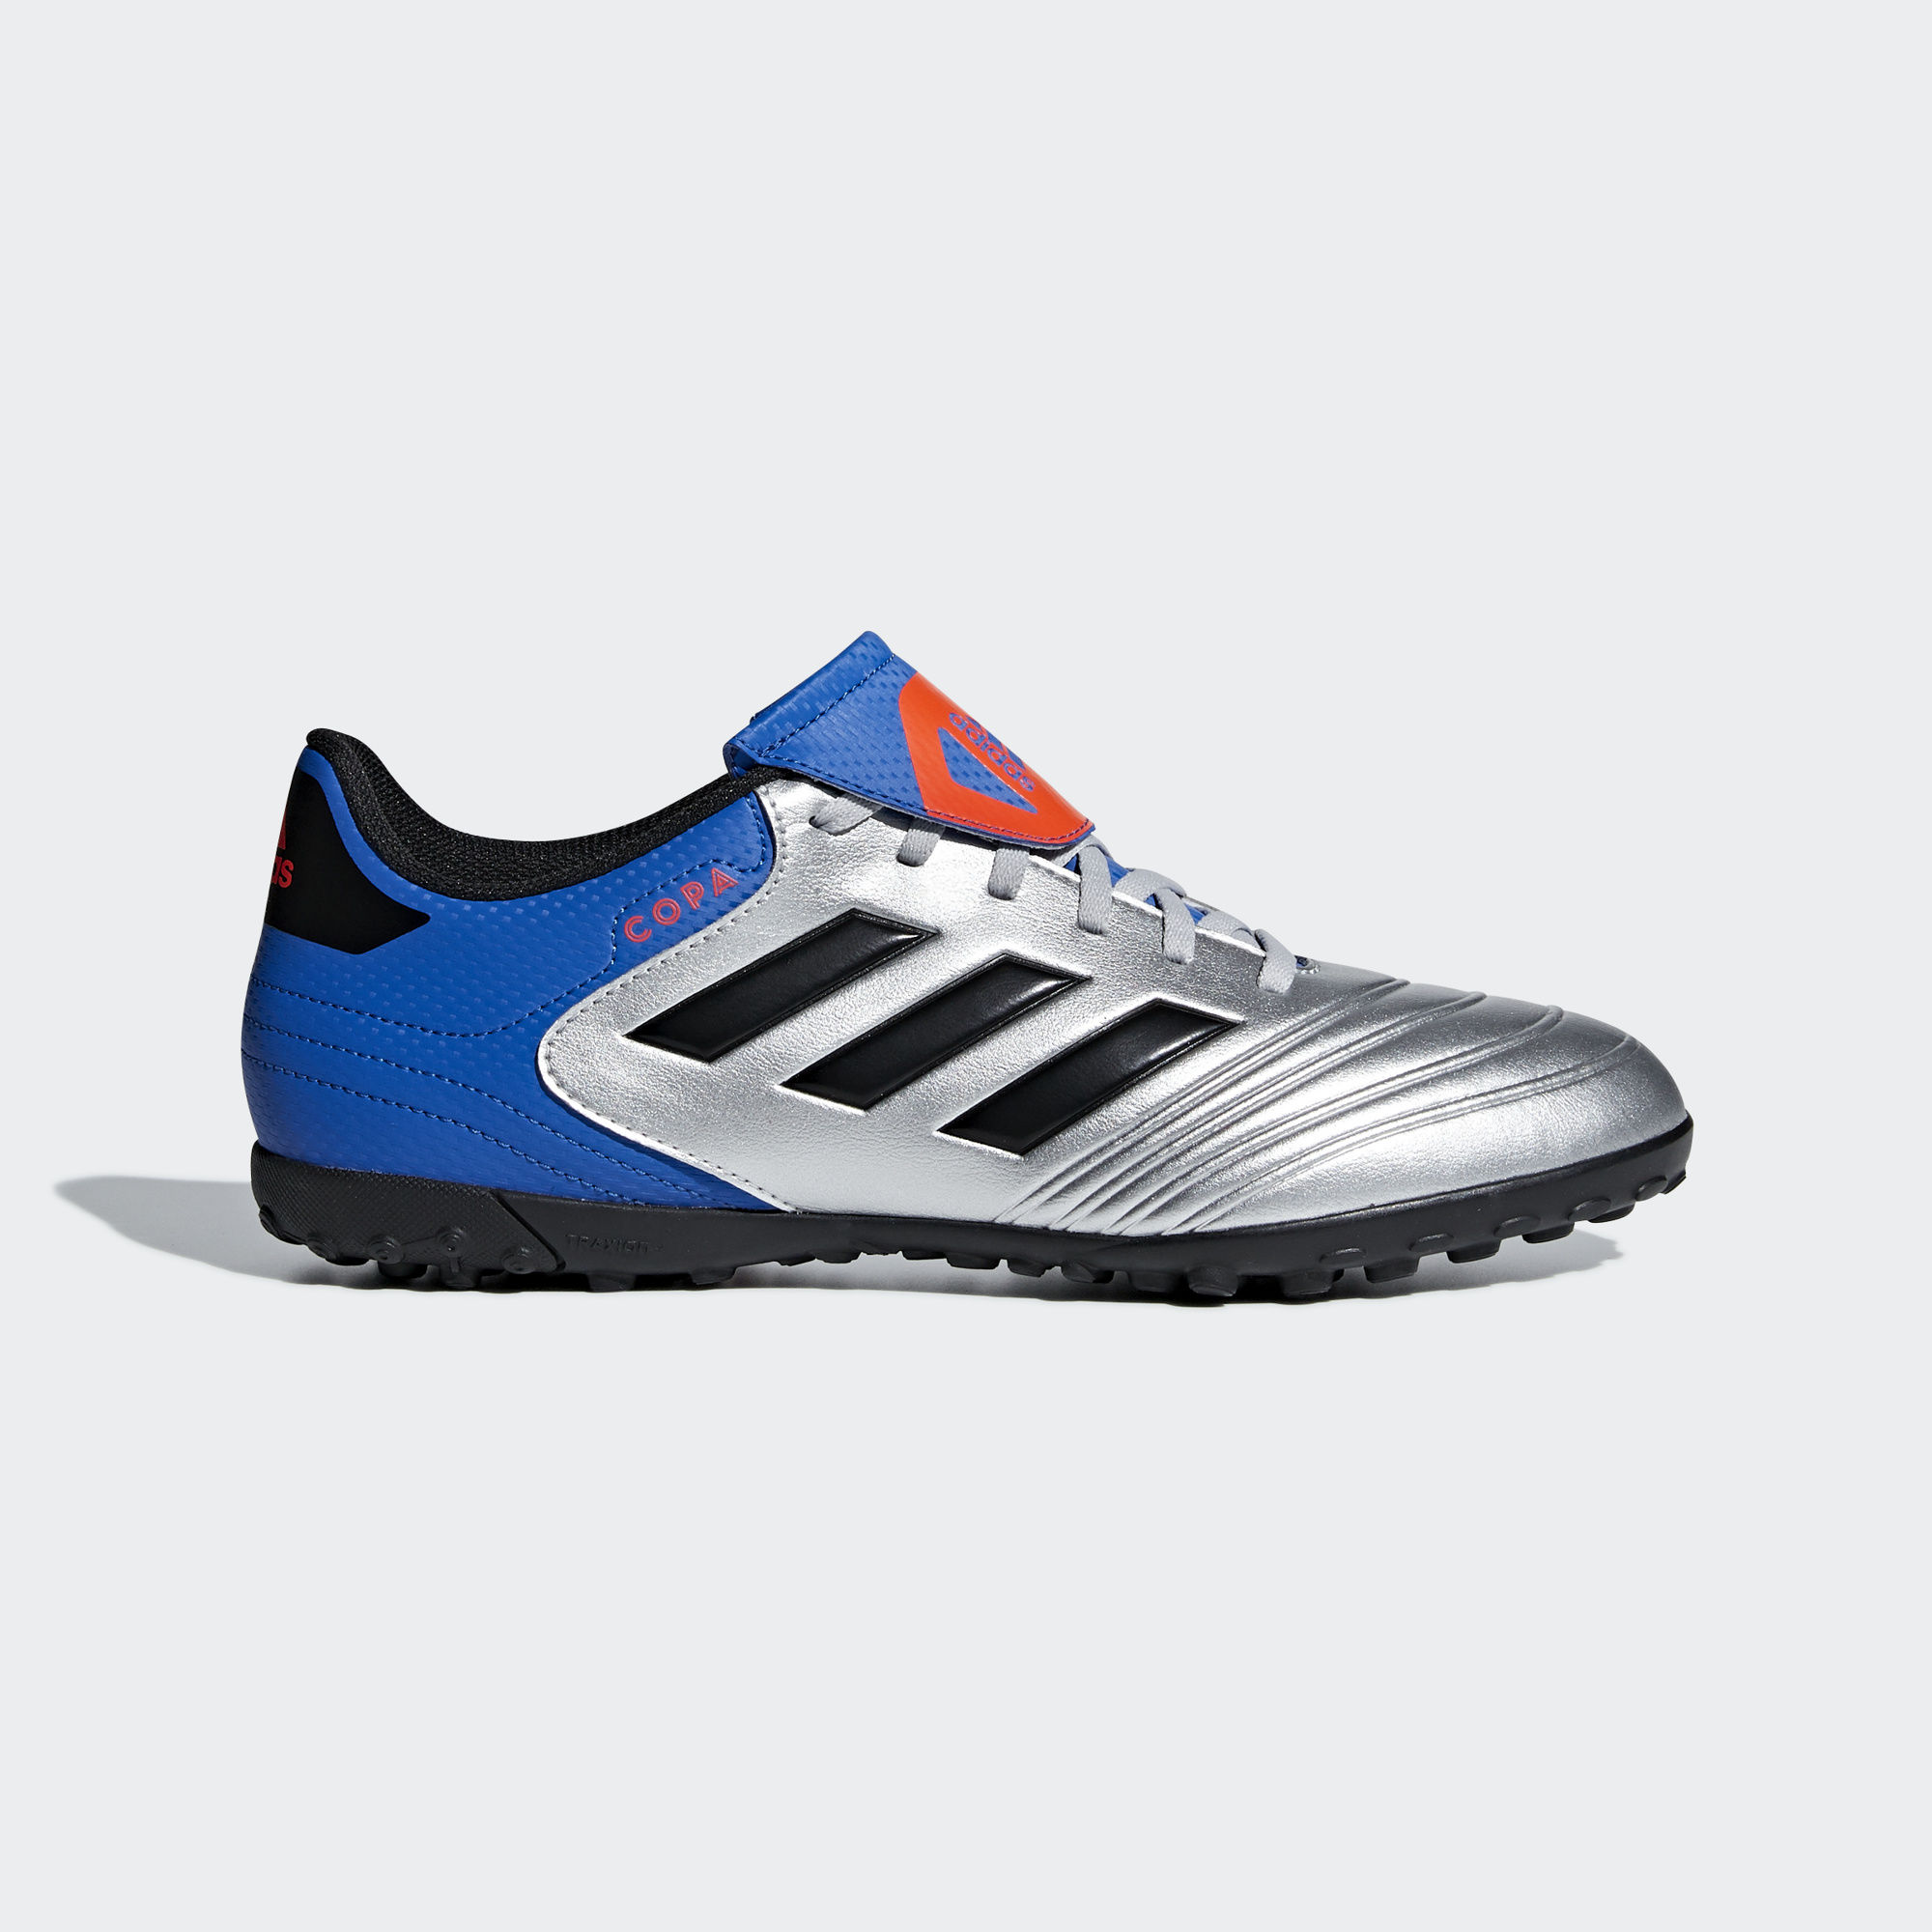 Football-shoes-Adidas-Scarpe-Calcio-Copa-Tango-18-4-Silver-Calcetto-Turf-2018